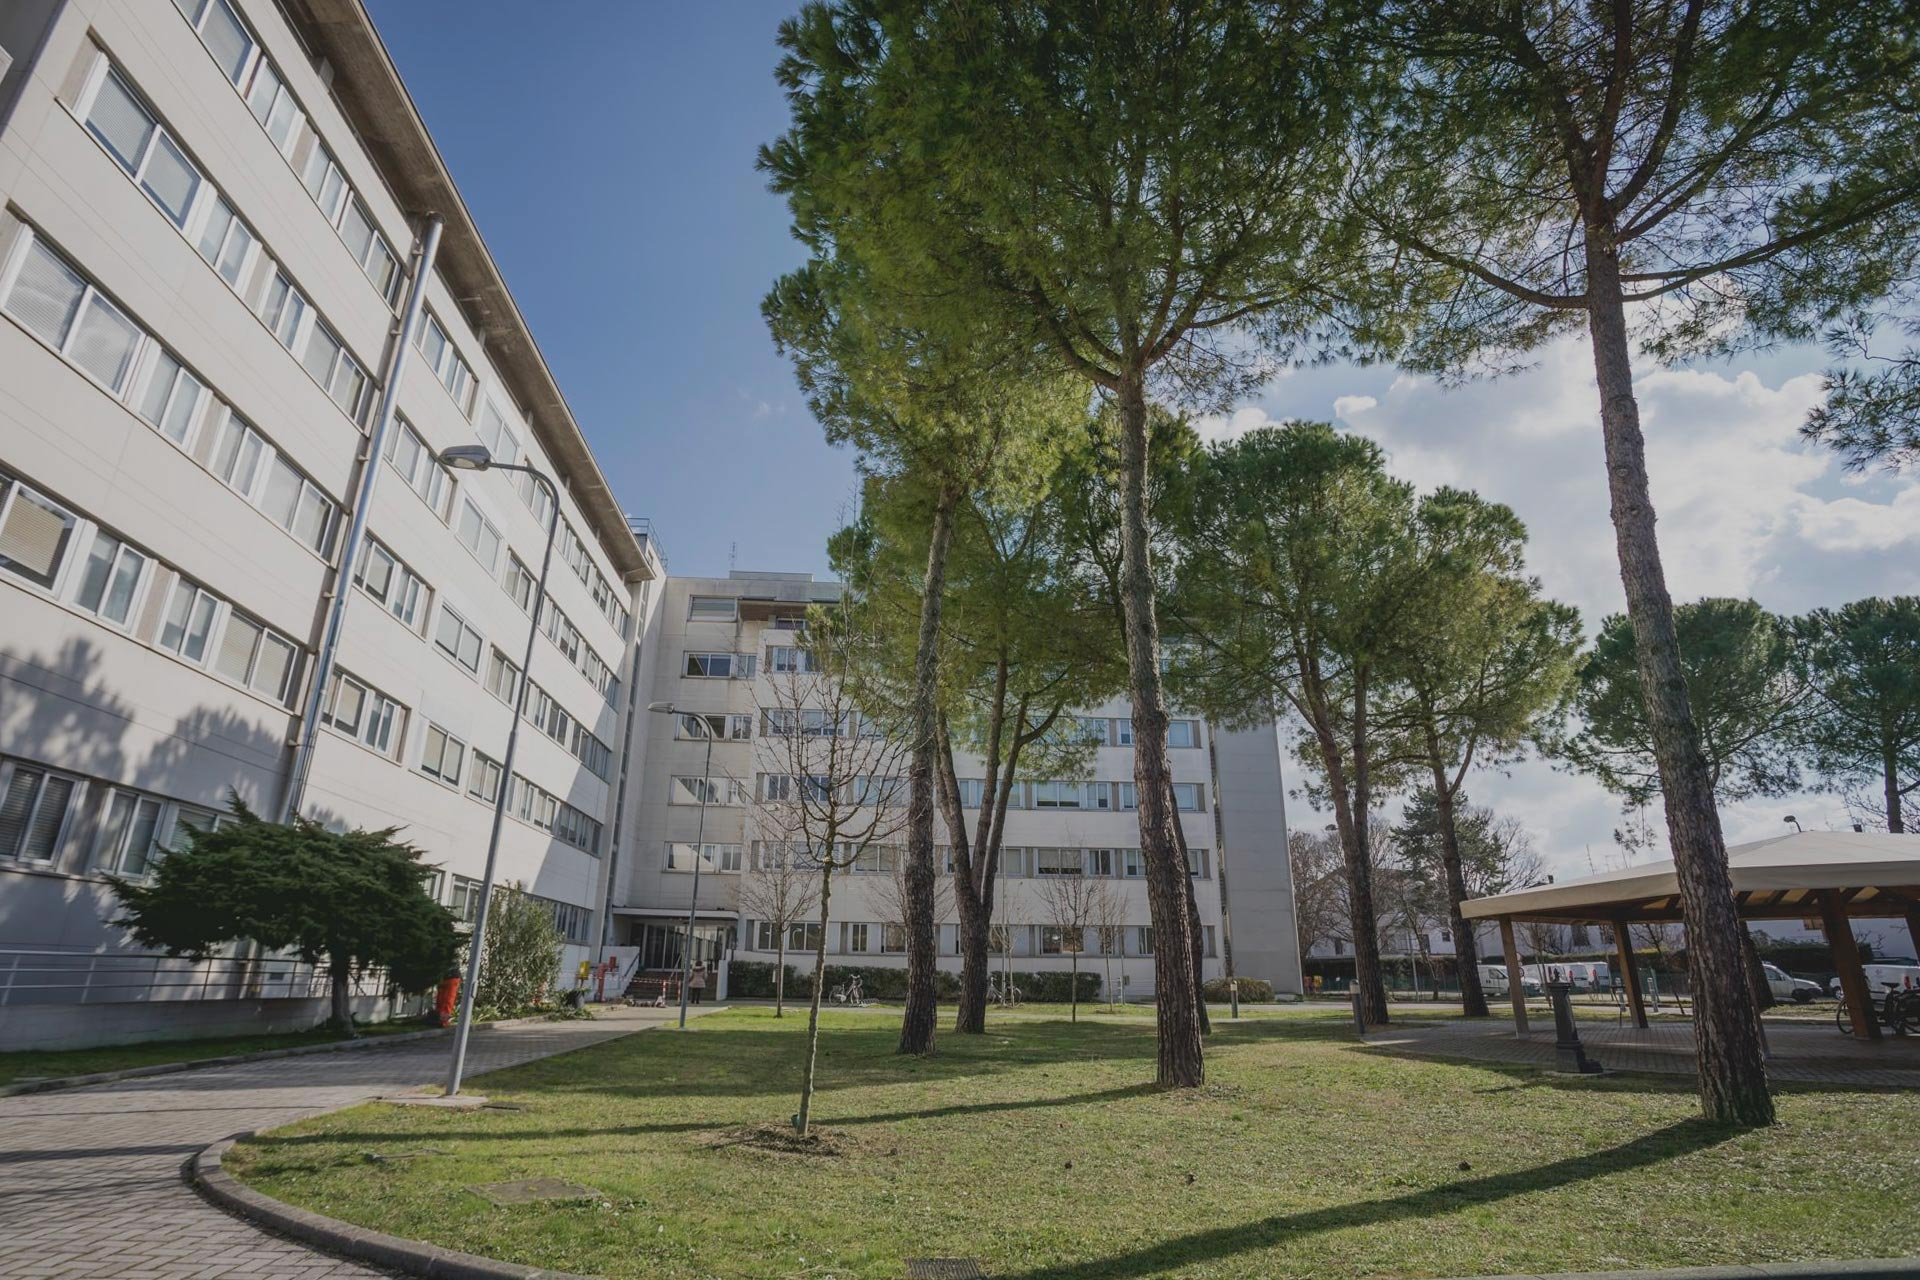 Casa di Riposo Orsi Mangelli Forlì giardino